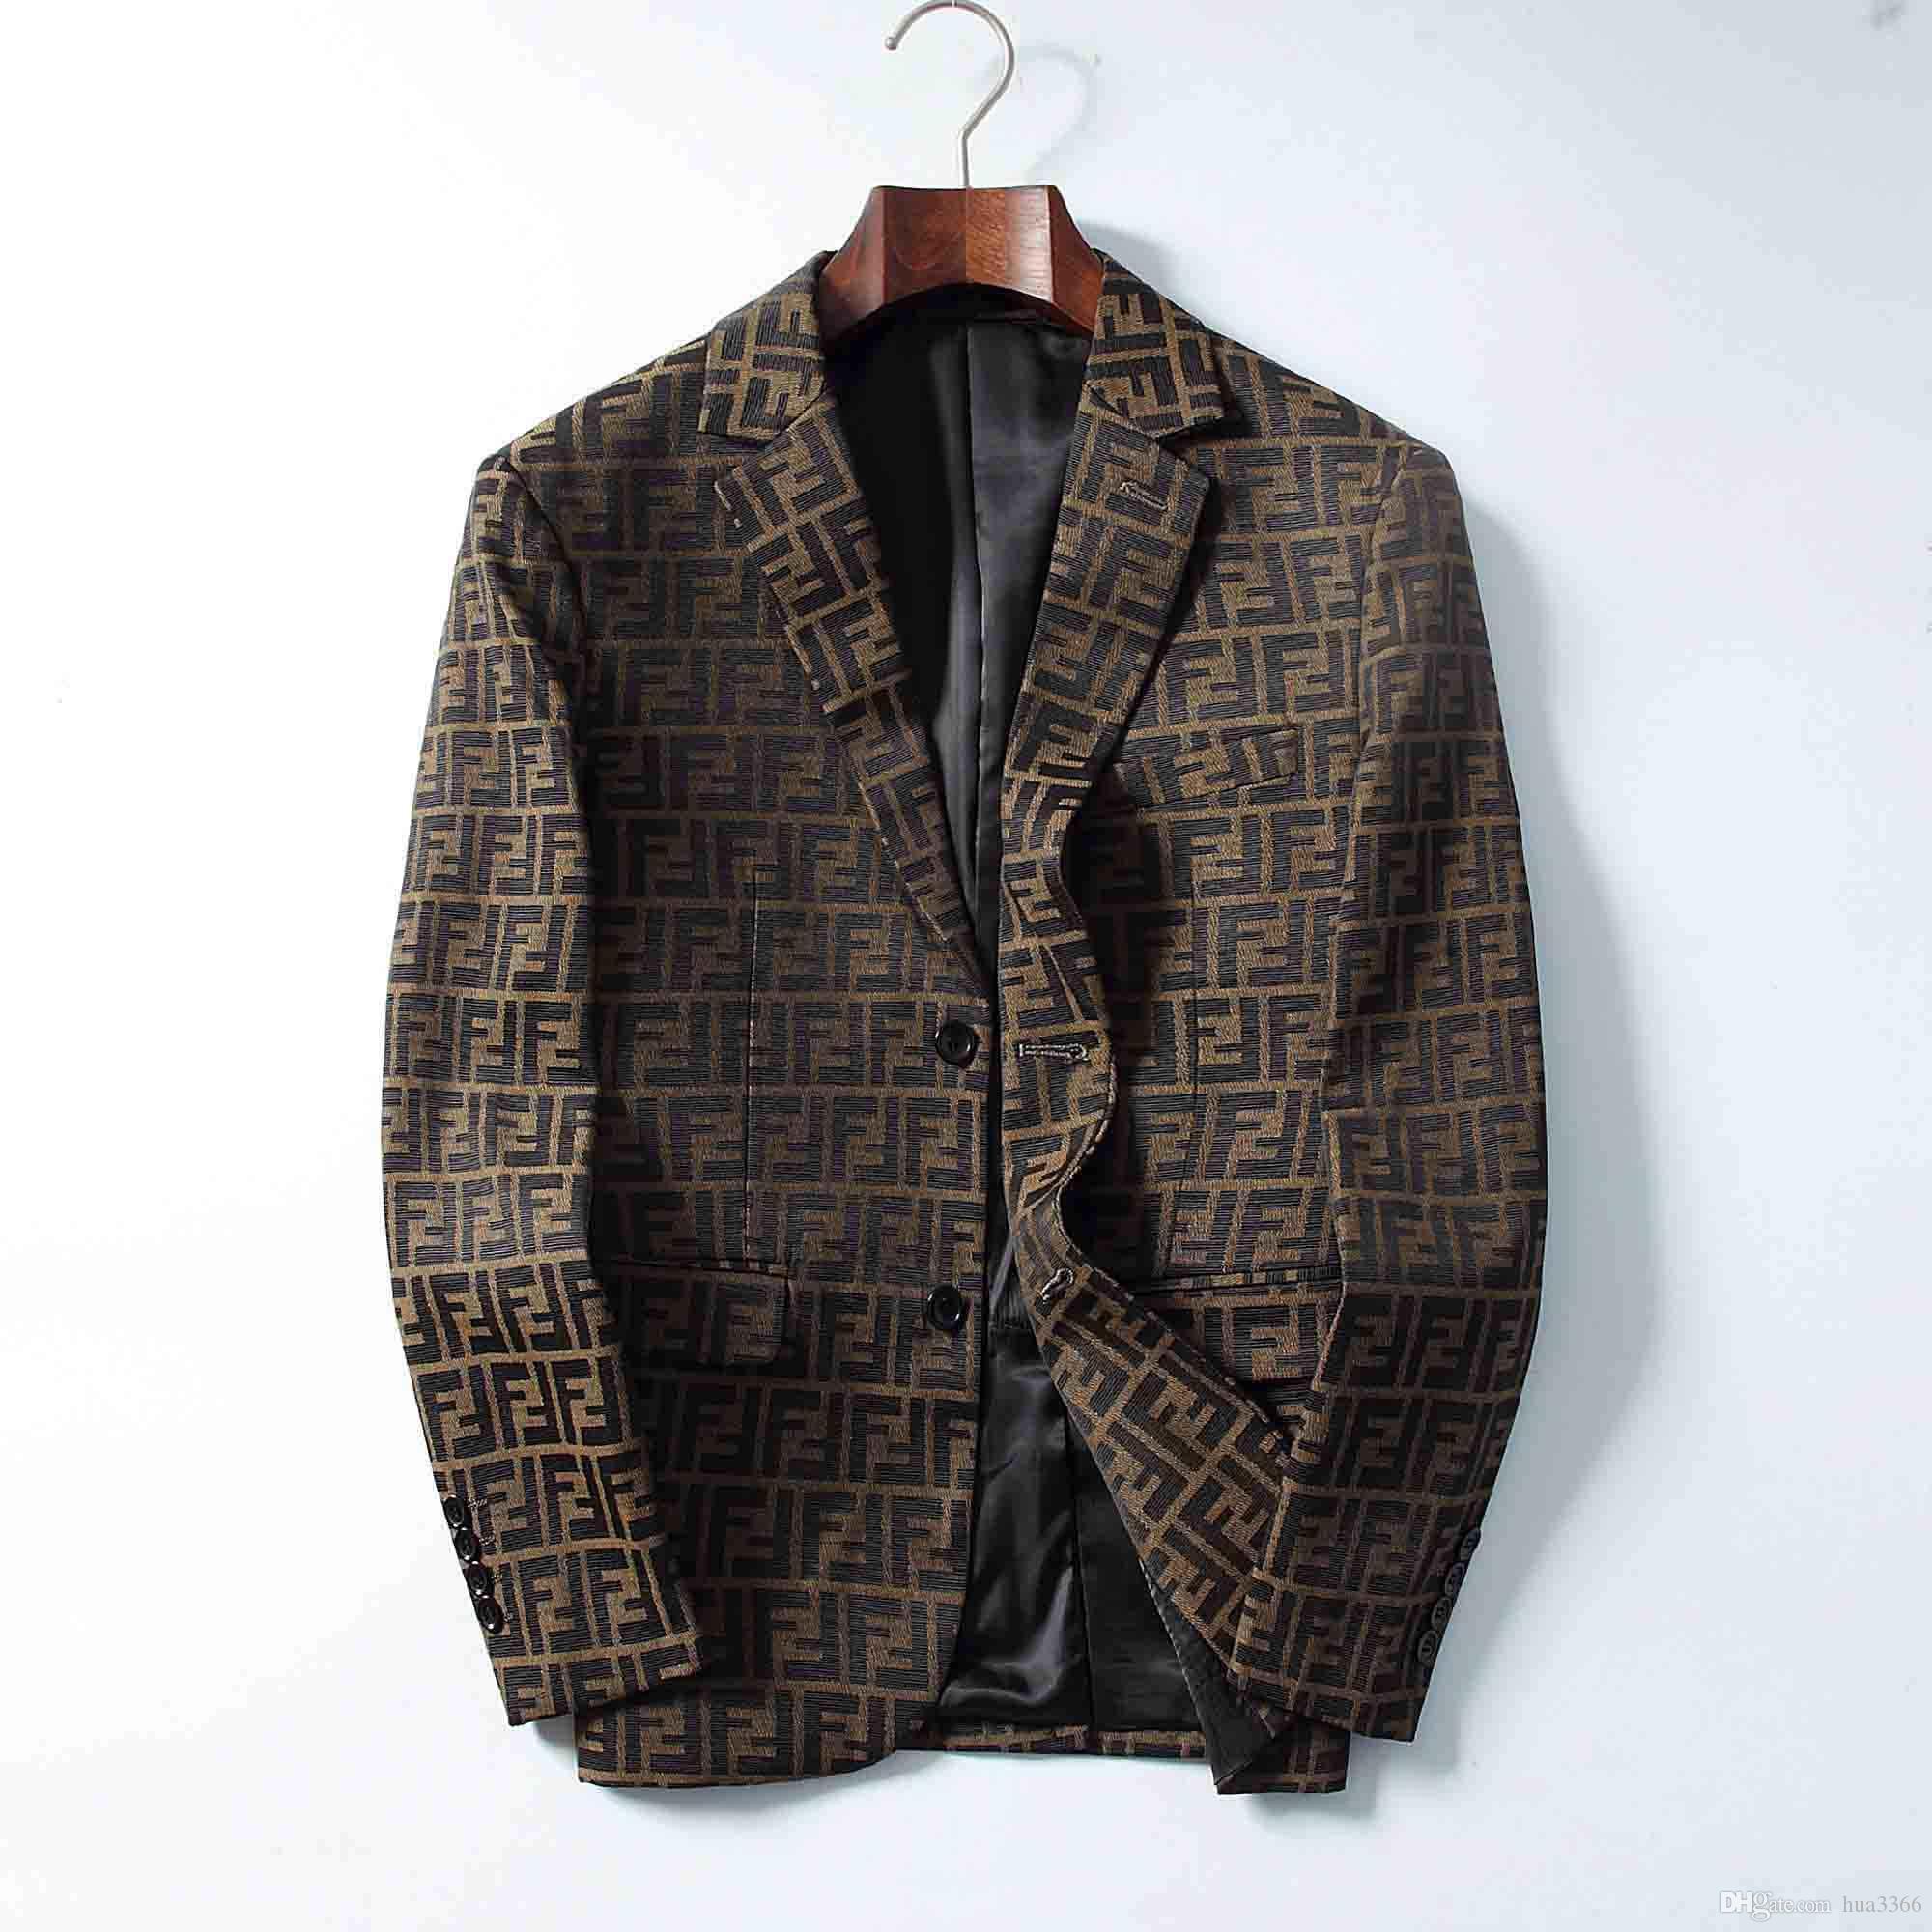 Nouveau style Veste Costume manteaux pour femmes Slim Costume manches Femme lettre macaron du cou à manches longues impression Slim Blazer vêtement